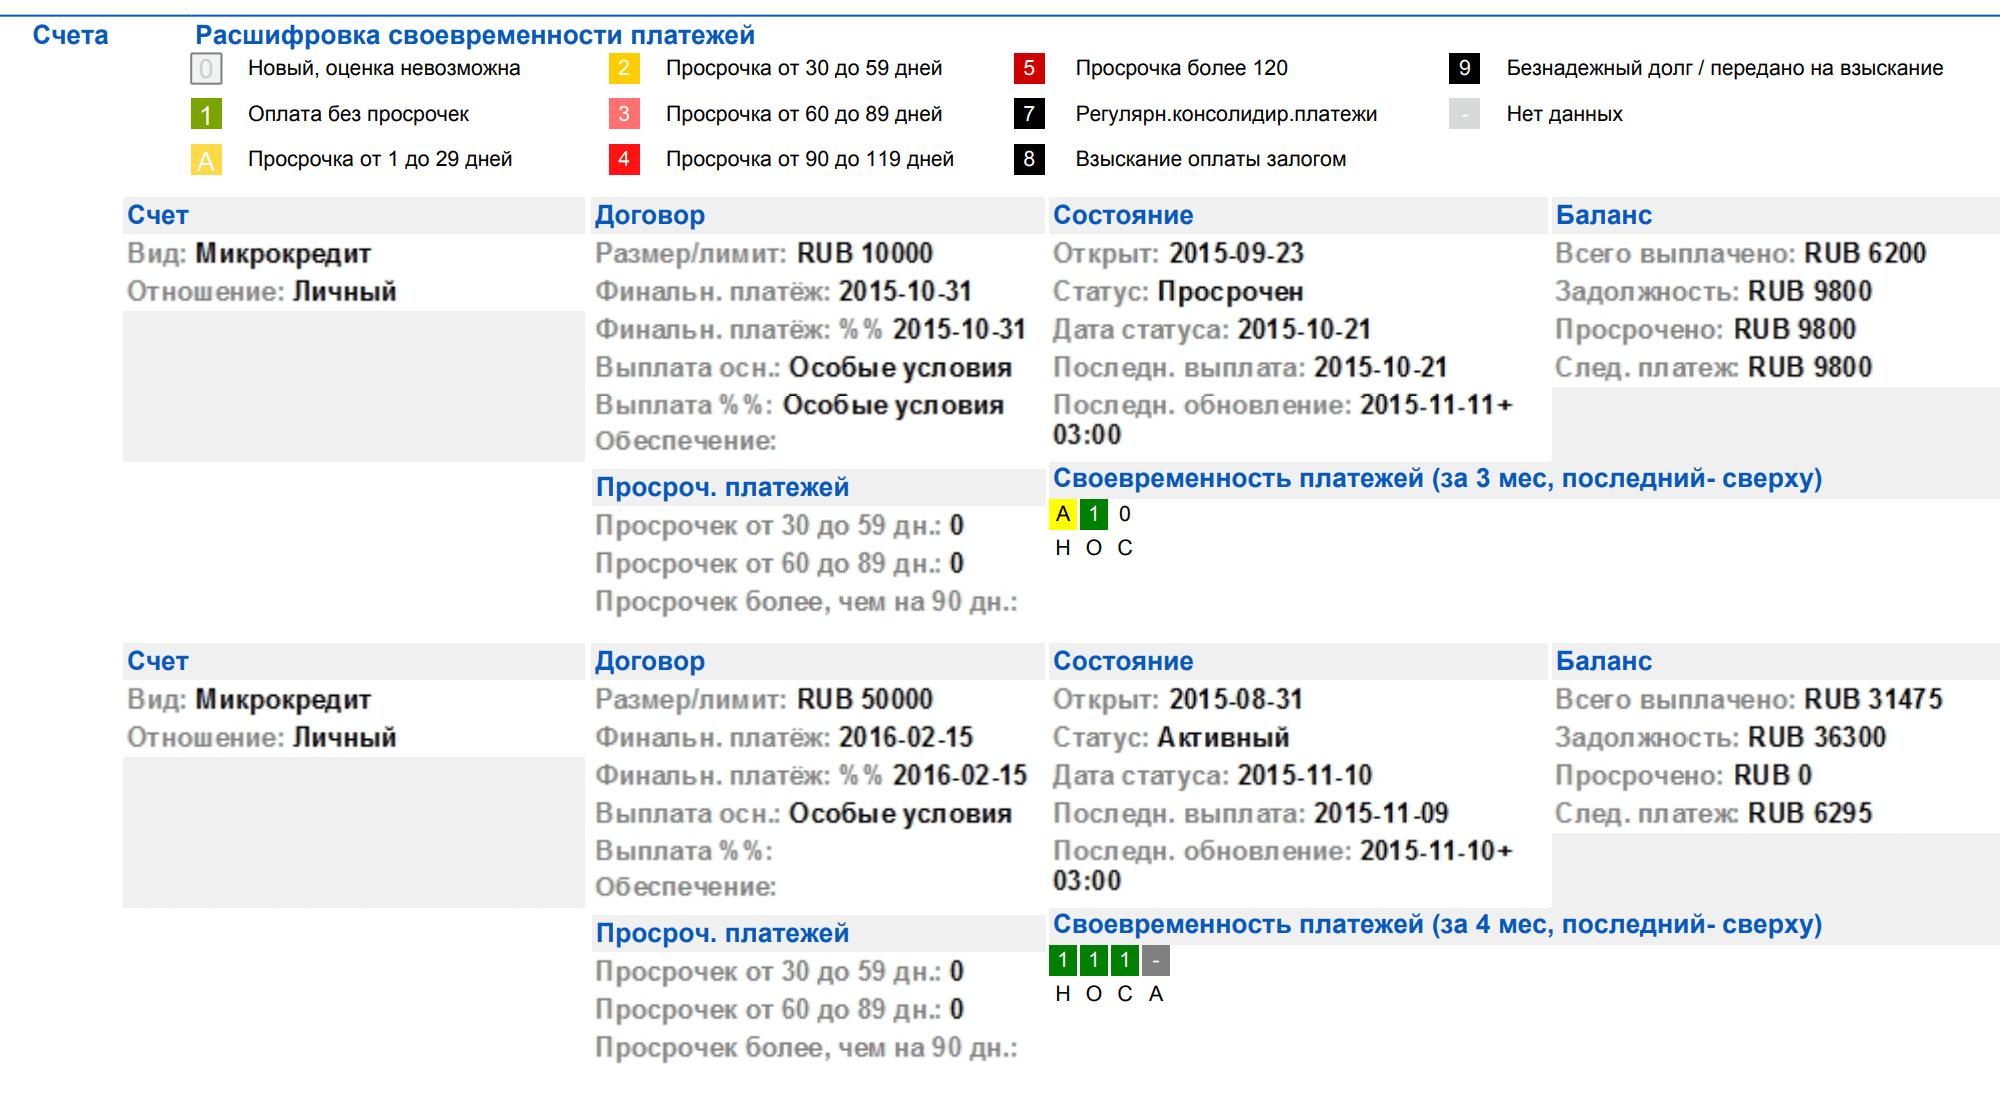 В отчете НБКИ просрочка даже в один день отмечается желтым квадратом и буквой{amp}amp;nbsp;А. Если просрочек нет, квадрат зеленый с цифрой{amp}amp;nbsp;1. Буквы под{amp}amp;nbsp;квадратами обозначают название месяцев: НОС — это ноябрь, октябрь, сентябрь